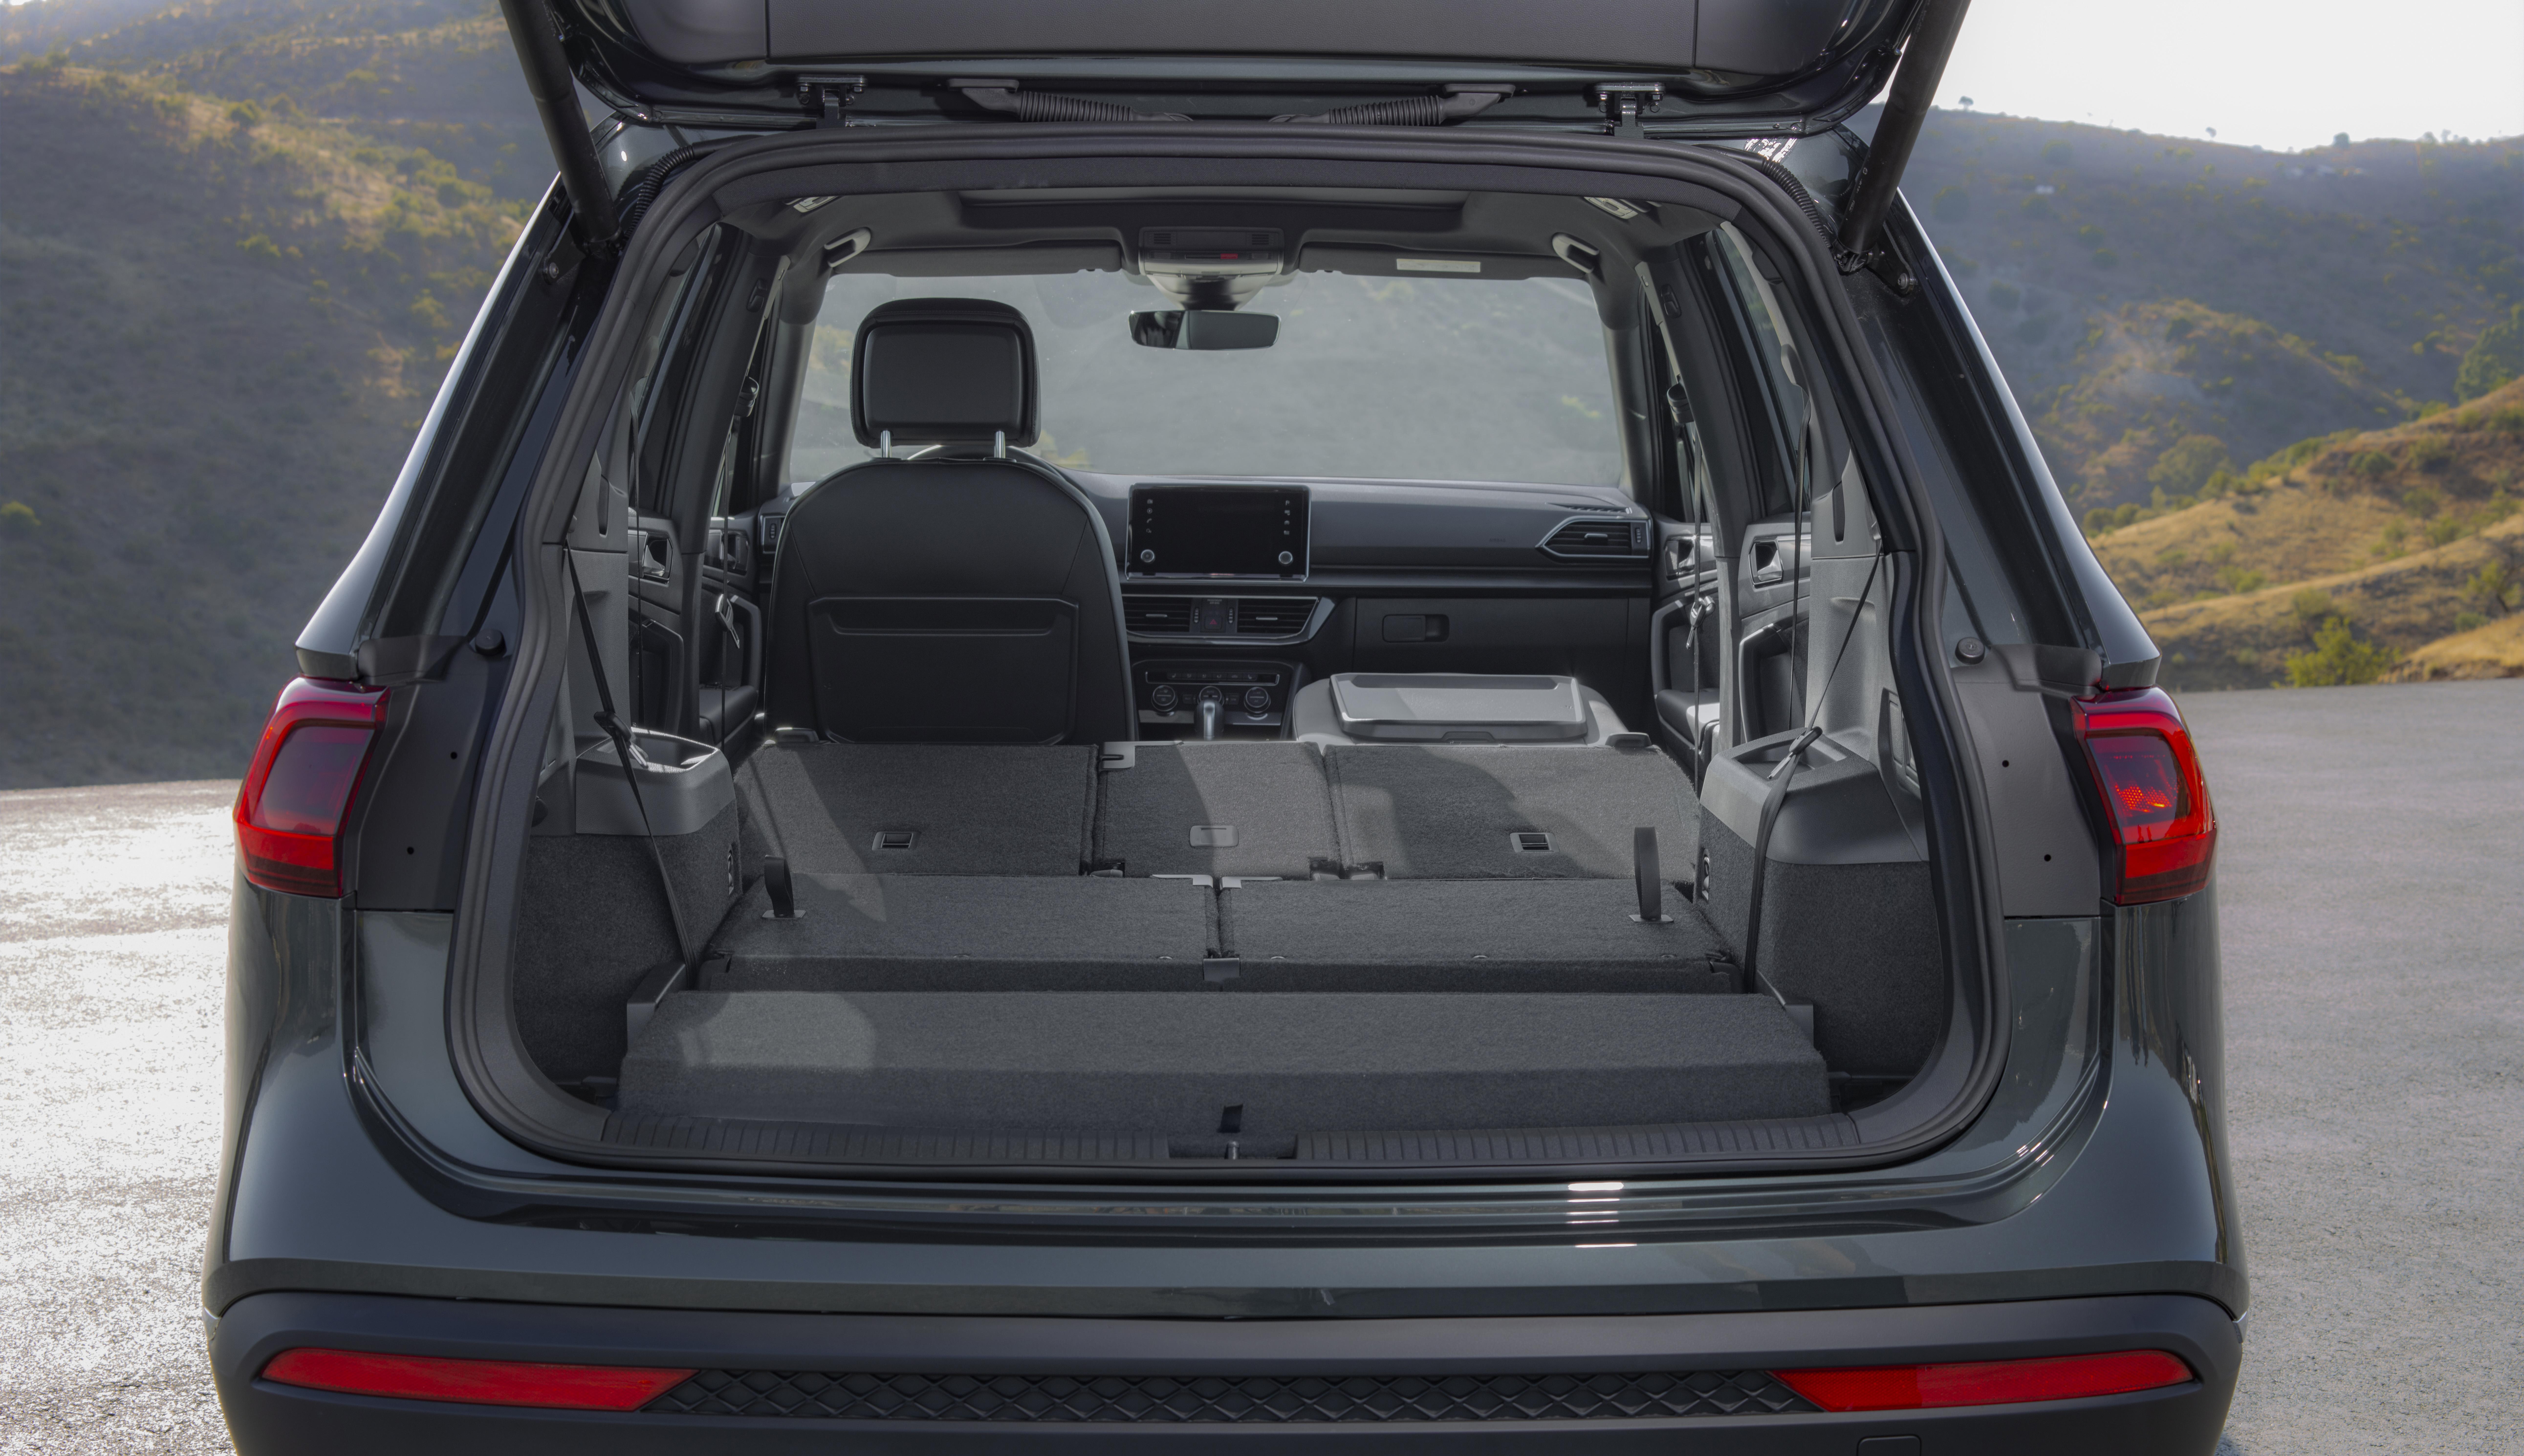 Το πορτ-μπαγκάζ στην 5θέσια επιλογή διαθέτει πολύ μεγάλη χωρητικότητα 760 λίτρων (700 λίτρα στο 7θέσιο με αναδιπλωμένες τις πίσω θέσεις)